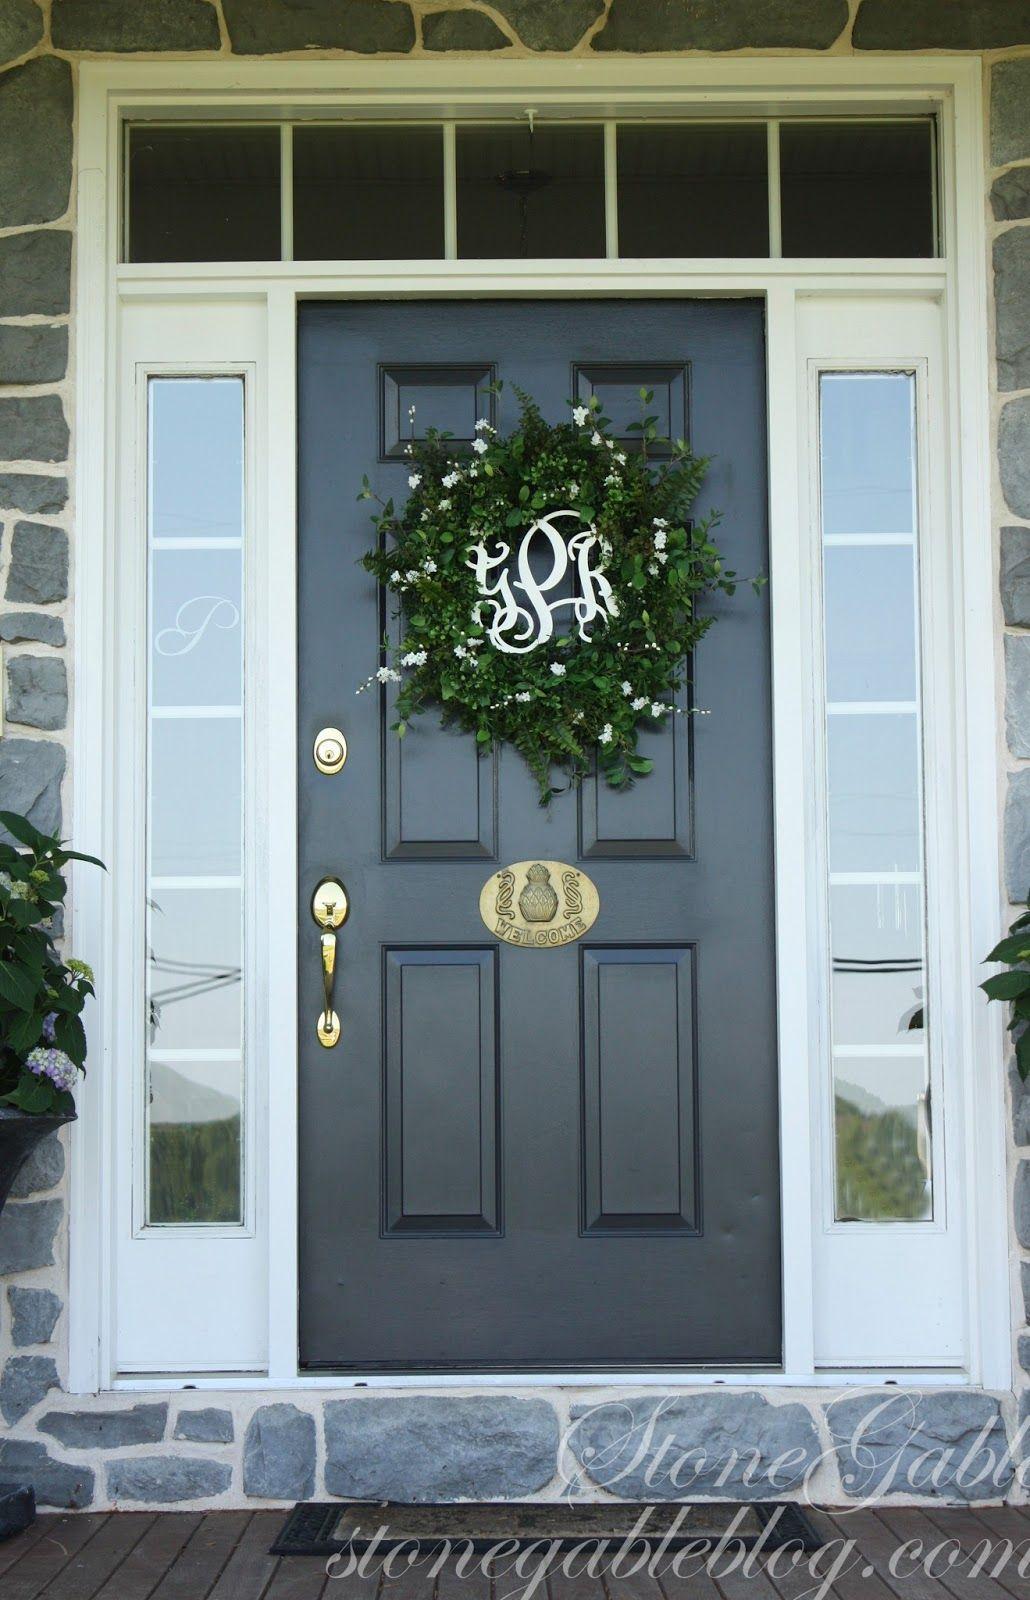 Front Door Wreath Summer 2013 Stonegable Summer Front Door Wreath Summer Door Wreaths French Front Doors